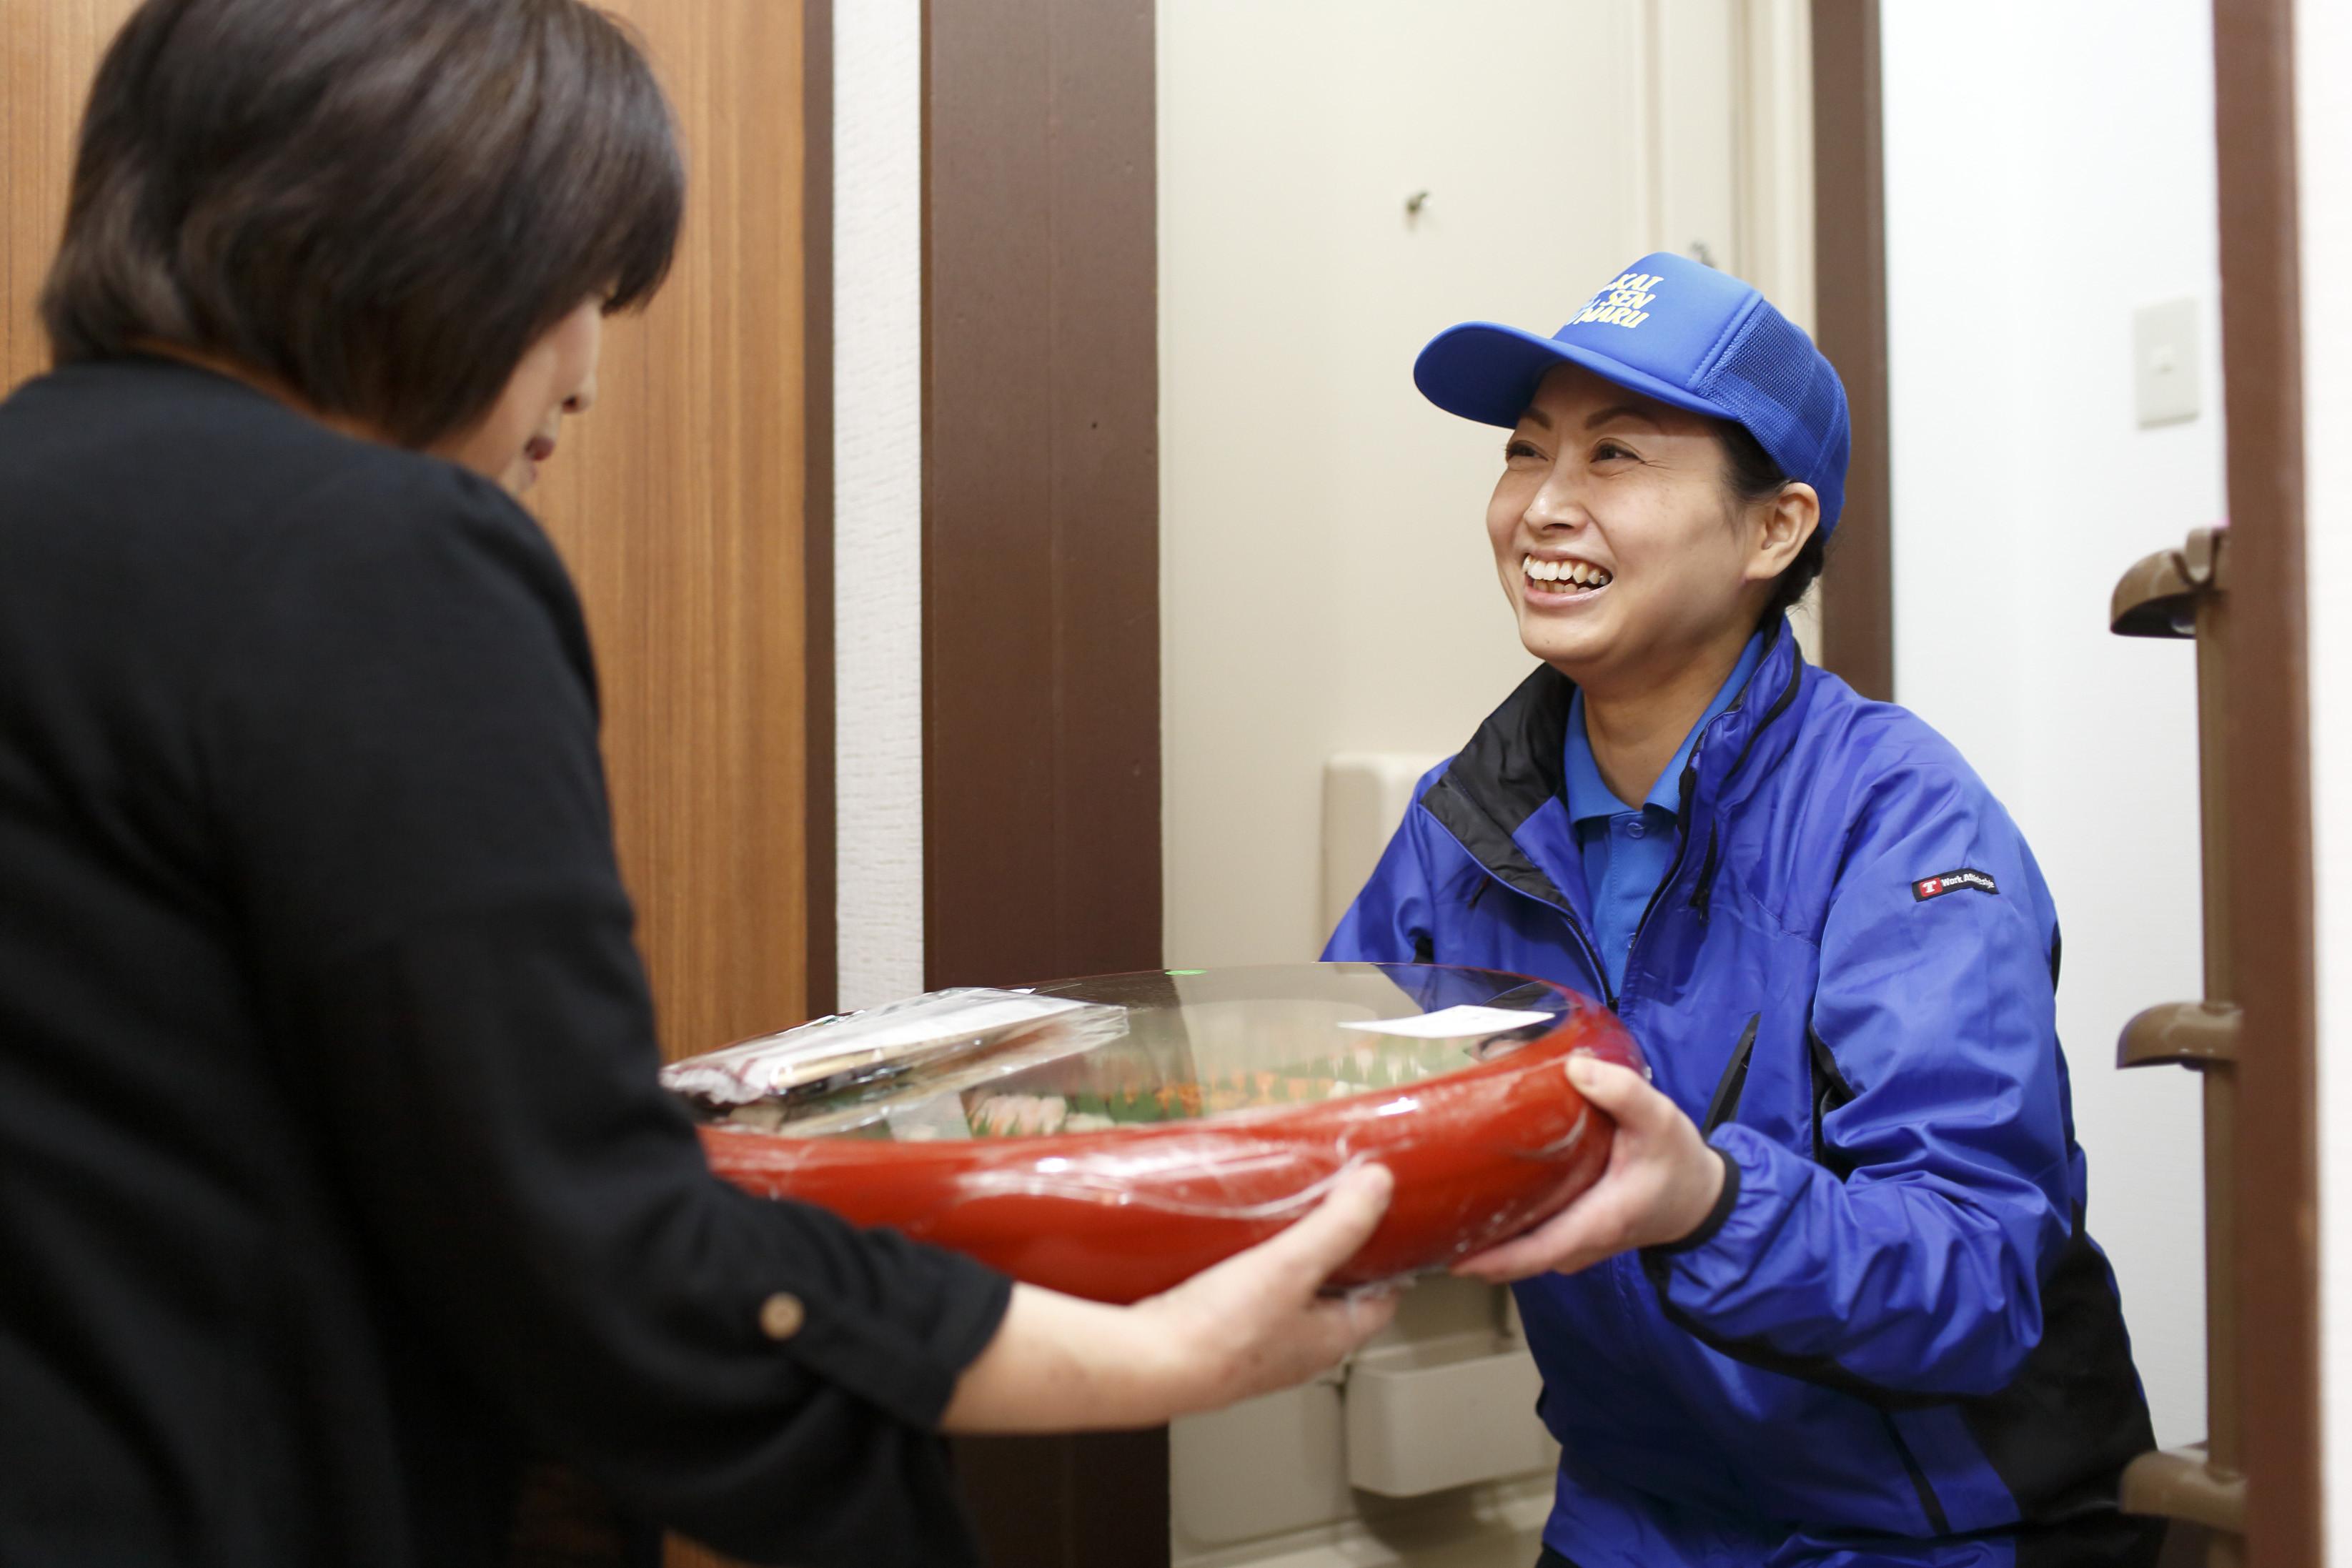 札幌海鮮丸 白石店 デリバリー(配達)スタッフのアルバイト情報